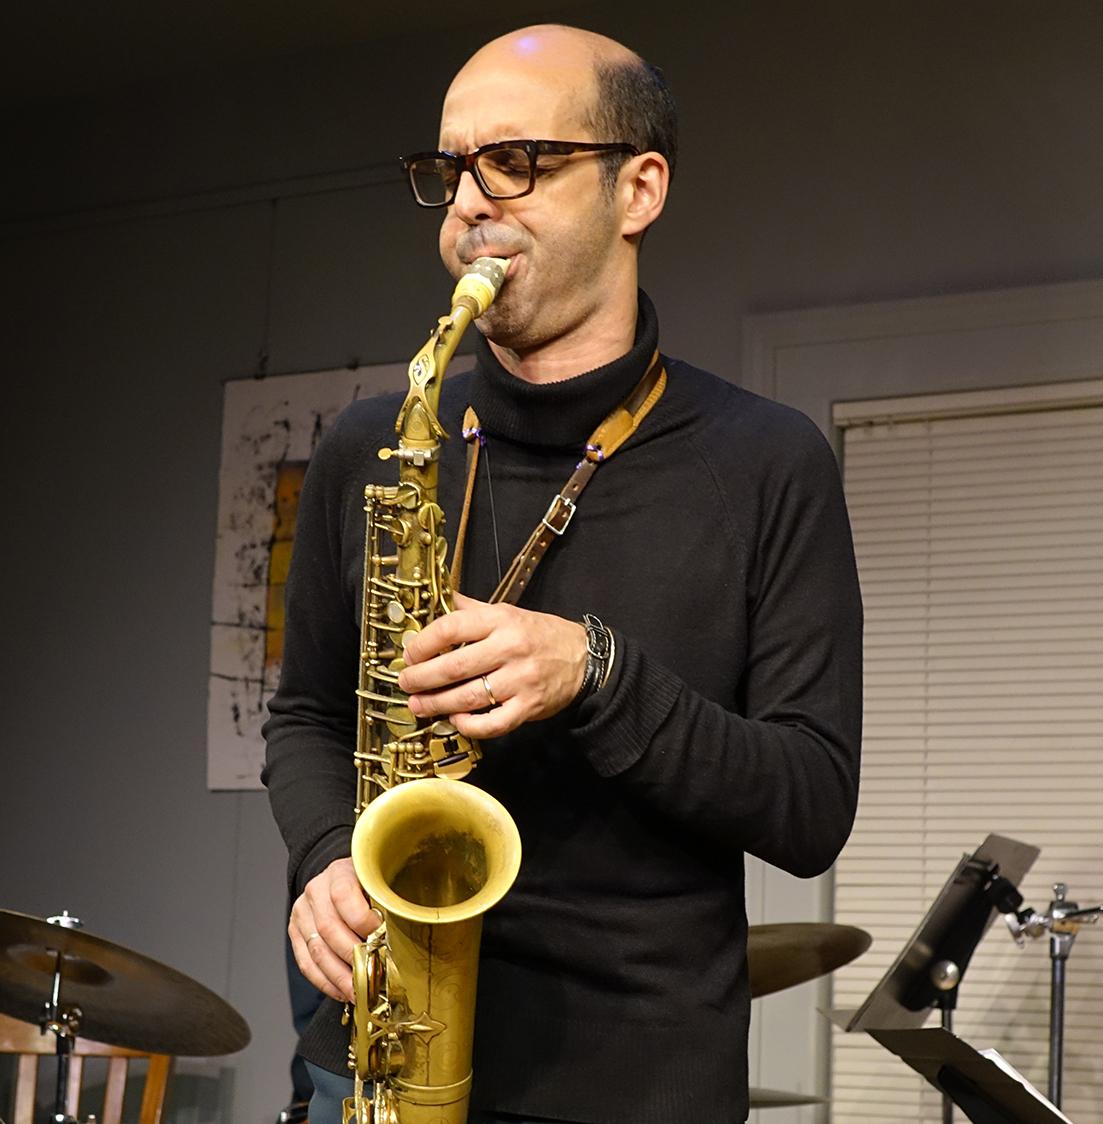 Michael Attias at Edgefest 2014